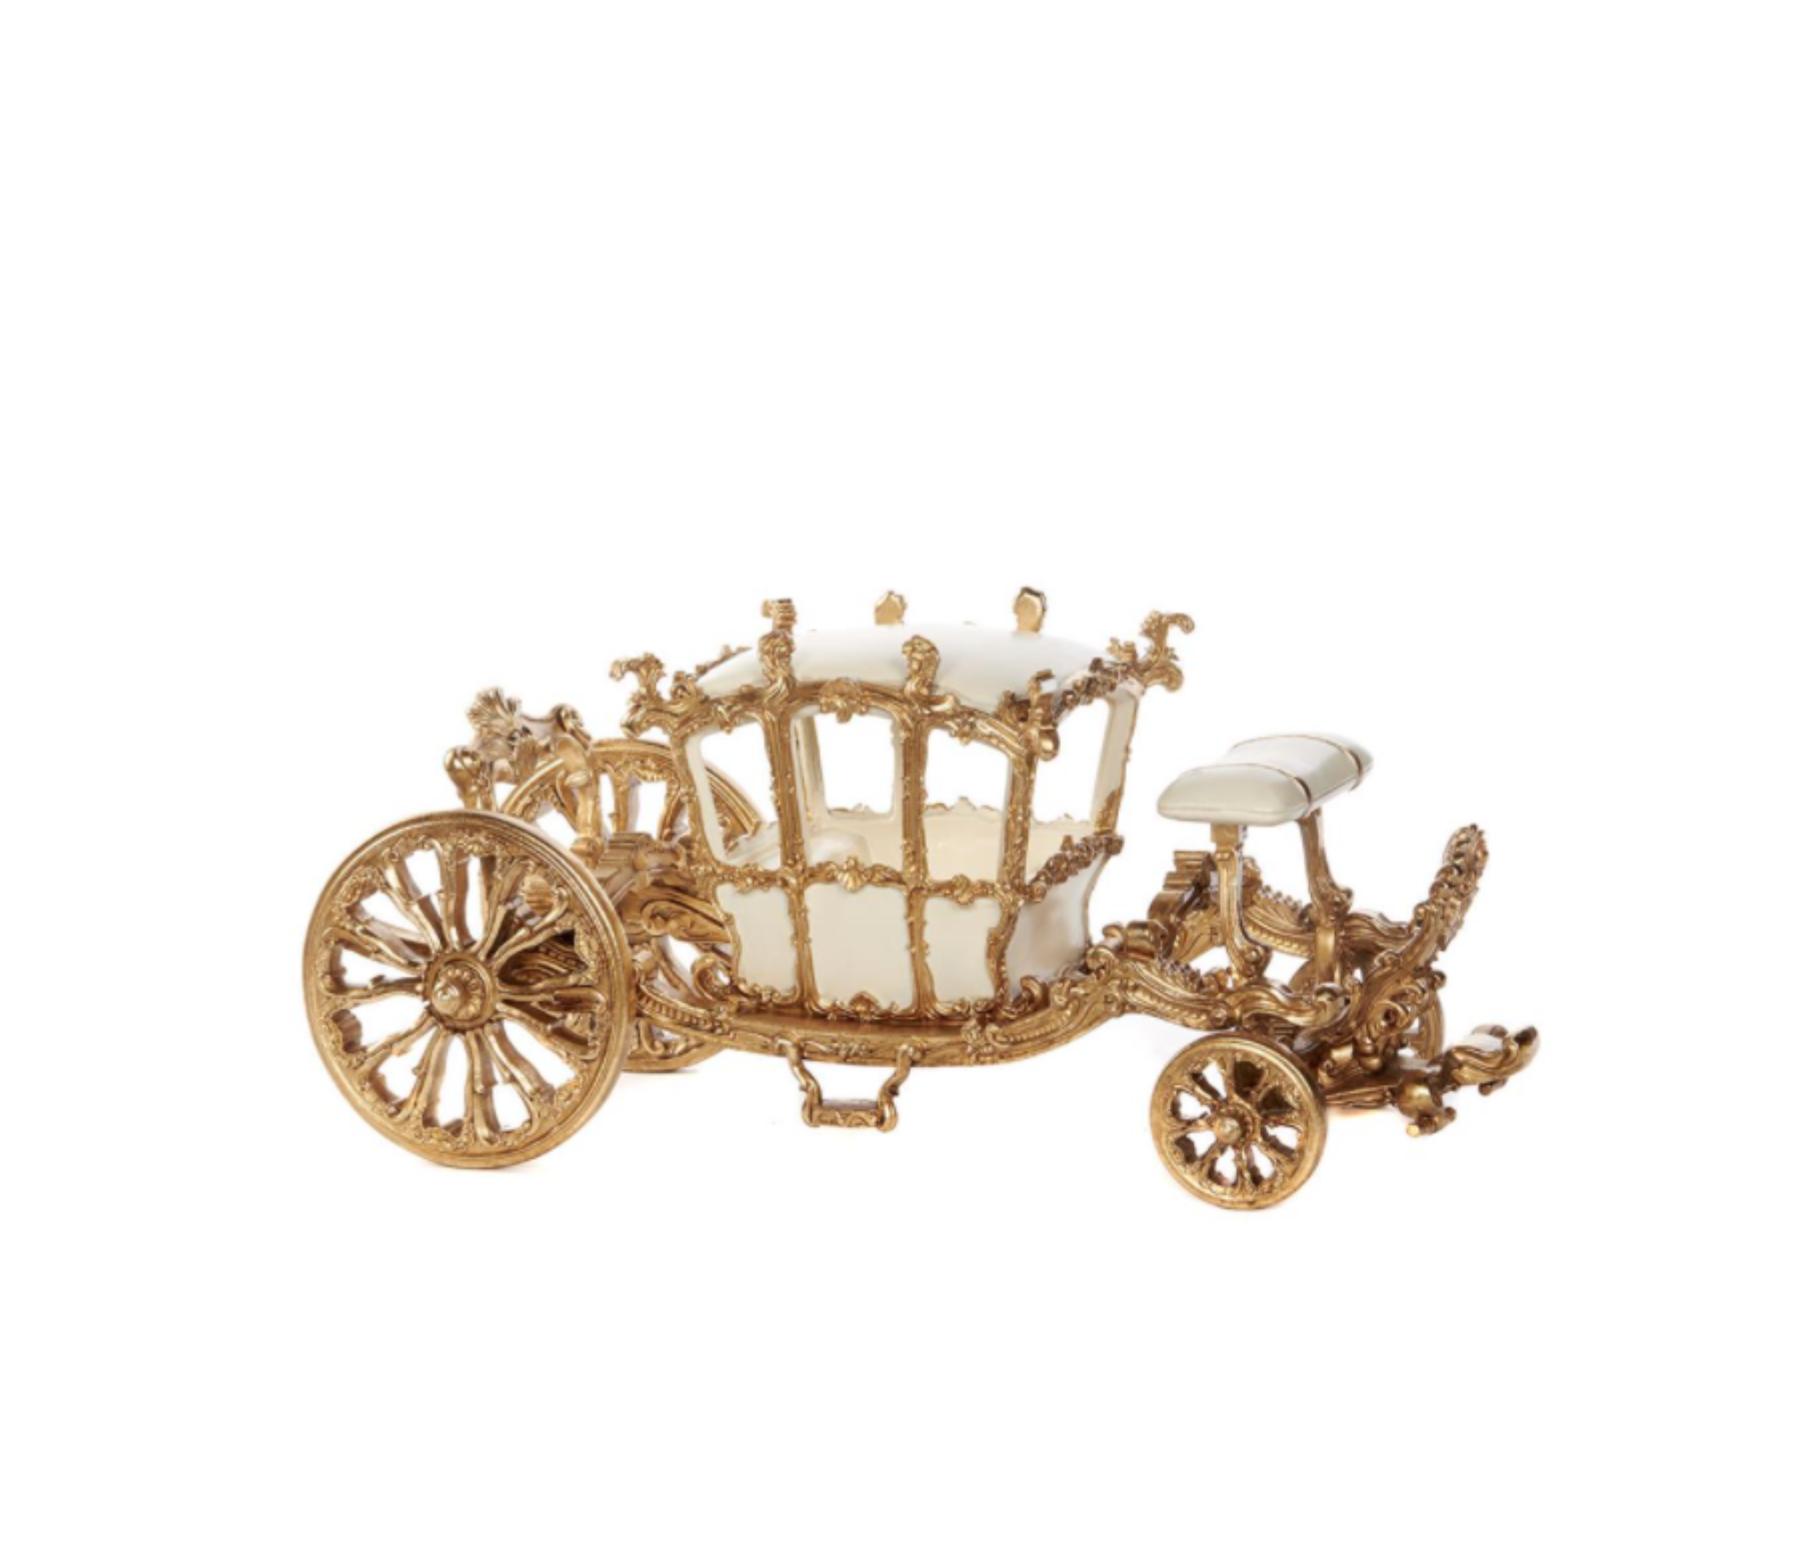 Goodwill Miniatur kutsche gold - L57 cm